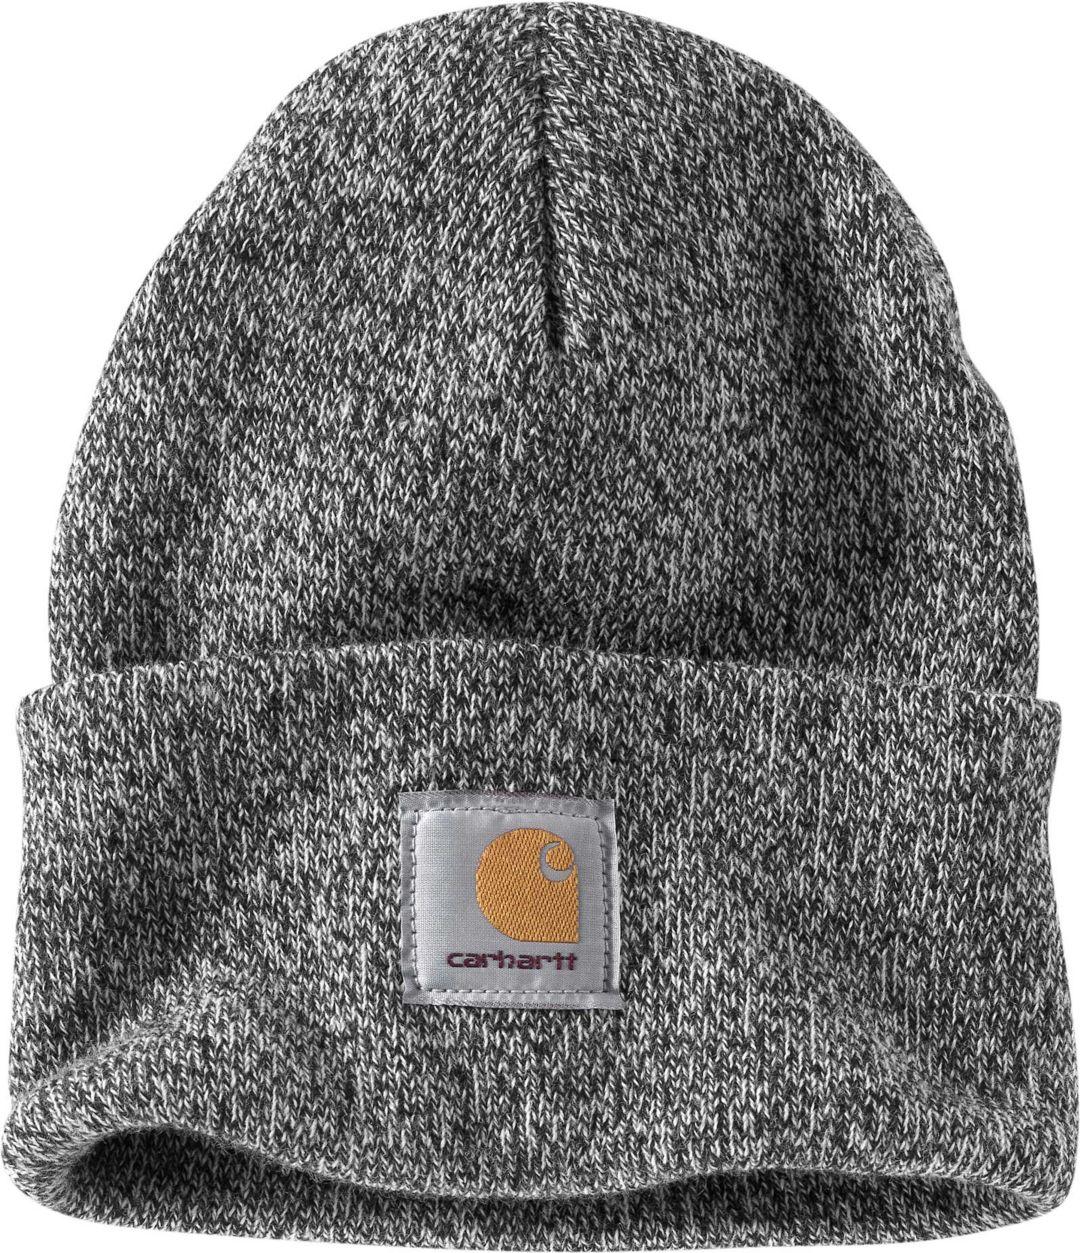 43ff06fcacd6a Carhartt Men's Knit Watch Cap | DICK'S Sporting Goods